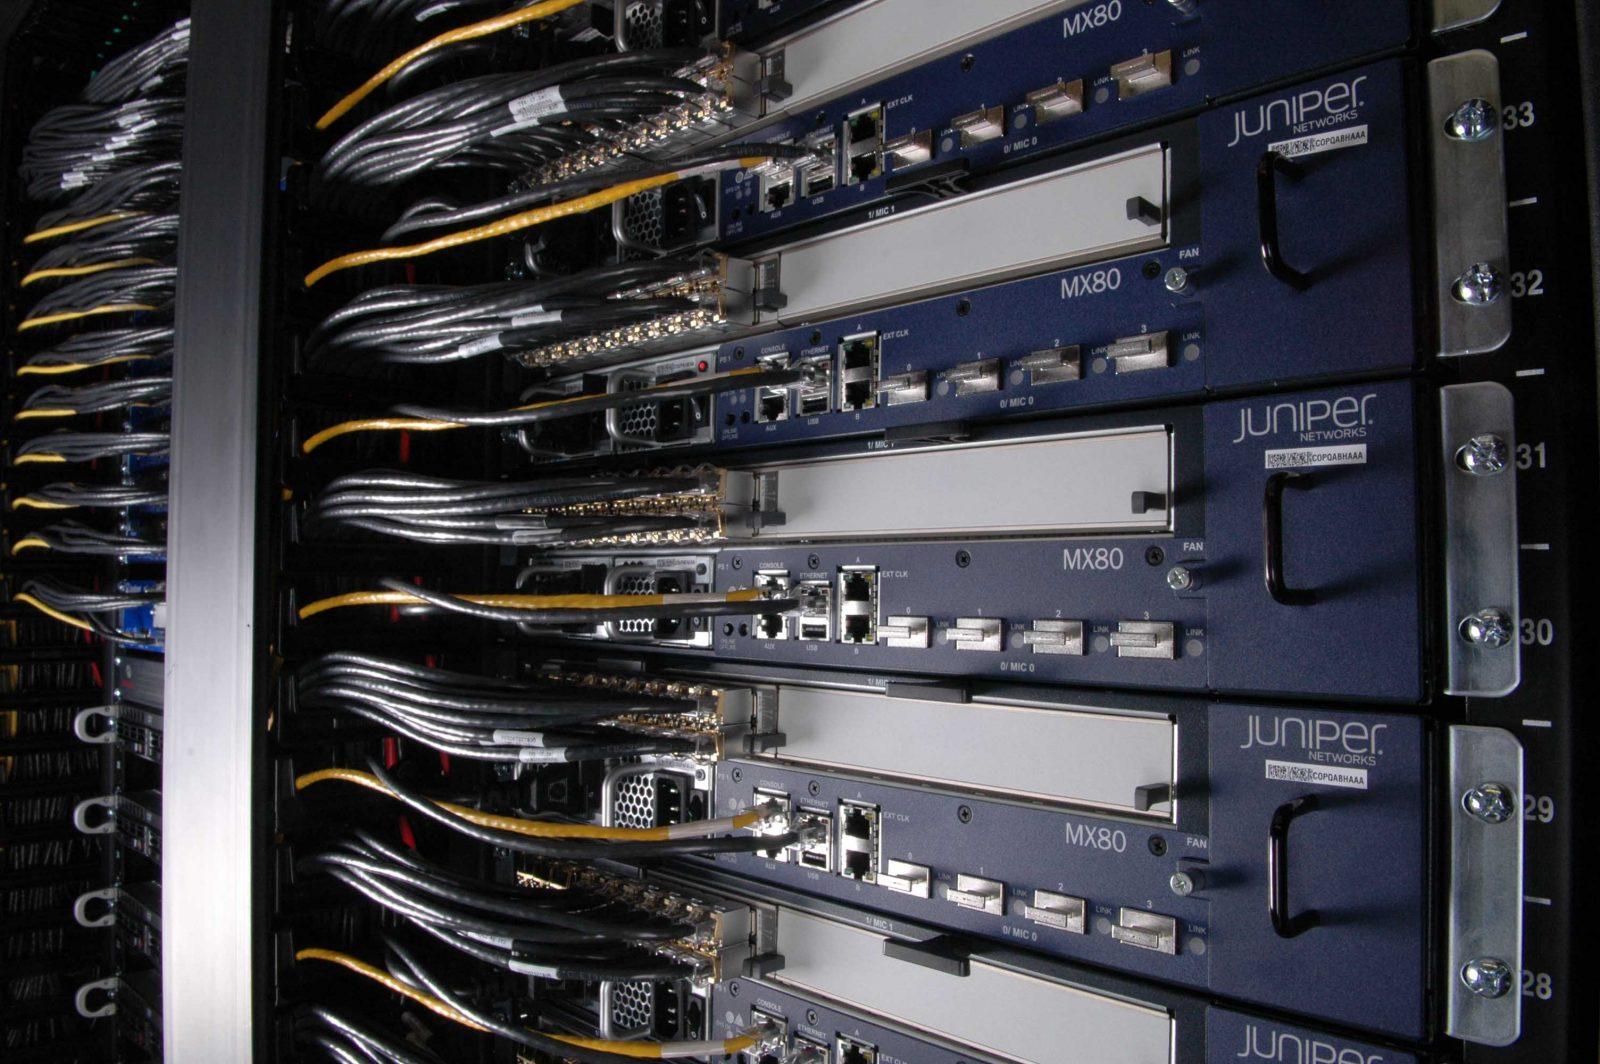 Сетевое оборудование Juniper